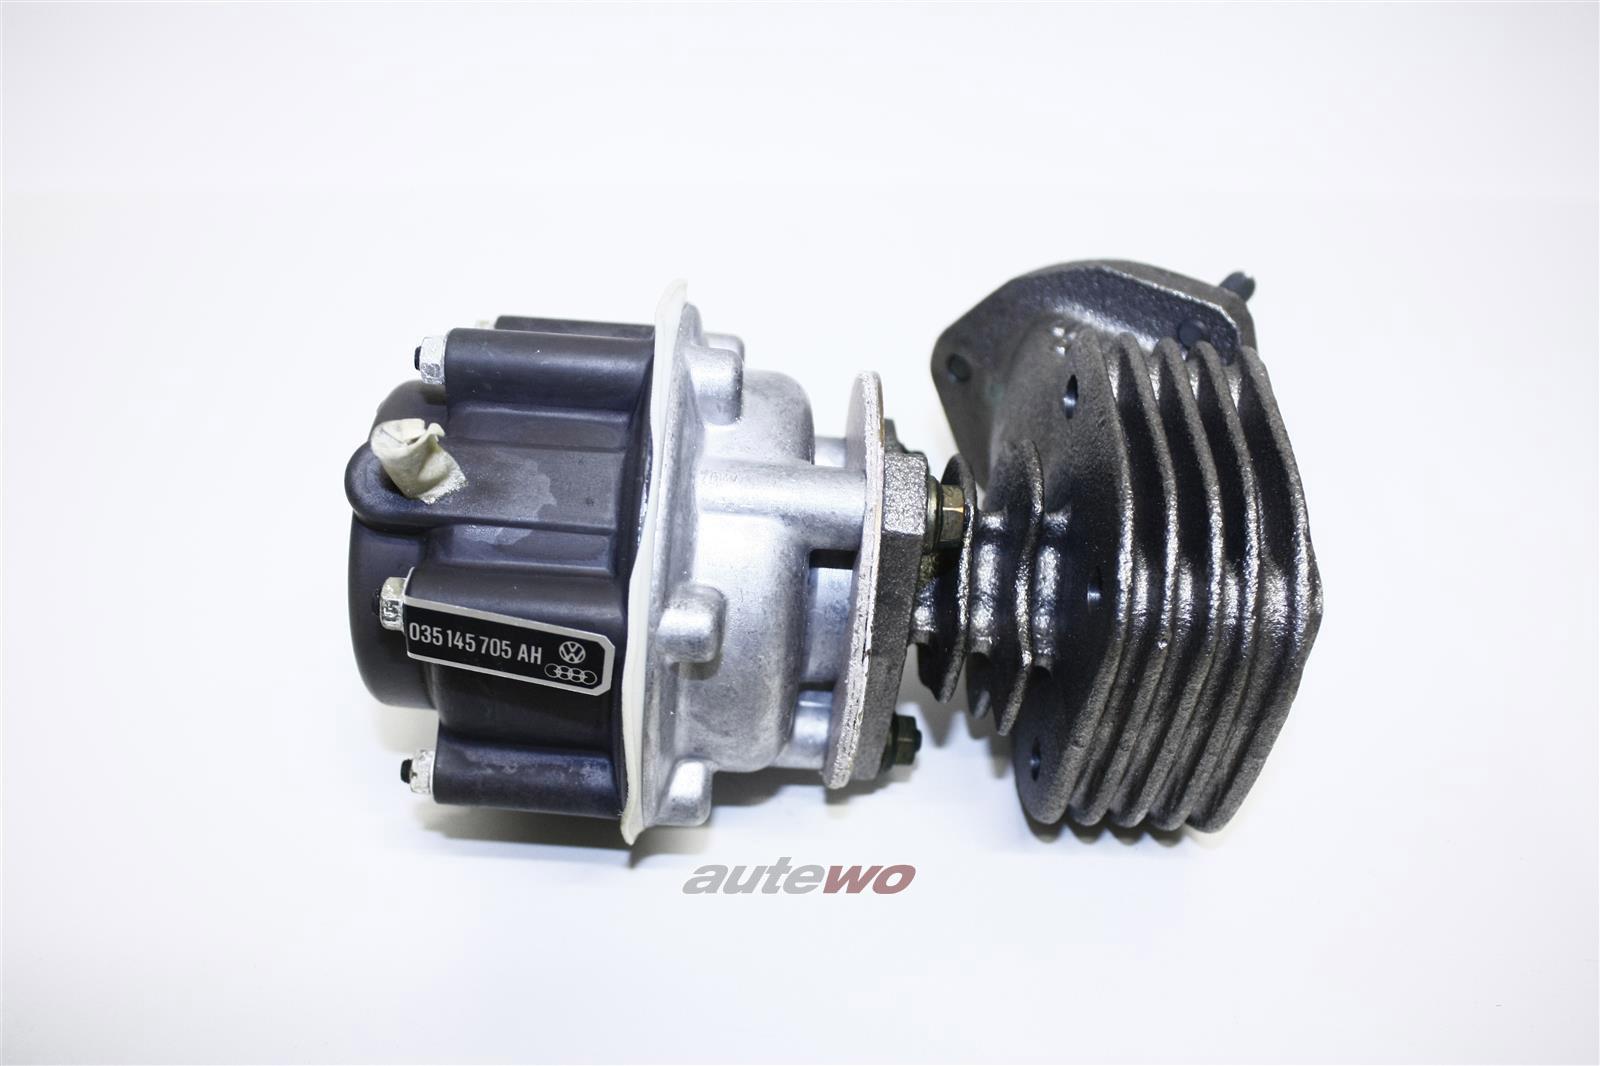 035145705AH NEU Audi 200 Typ 44 2.2l 5 Zylinder 10V Turbo MC1 Wastegate